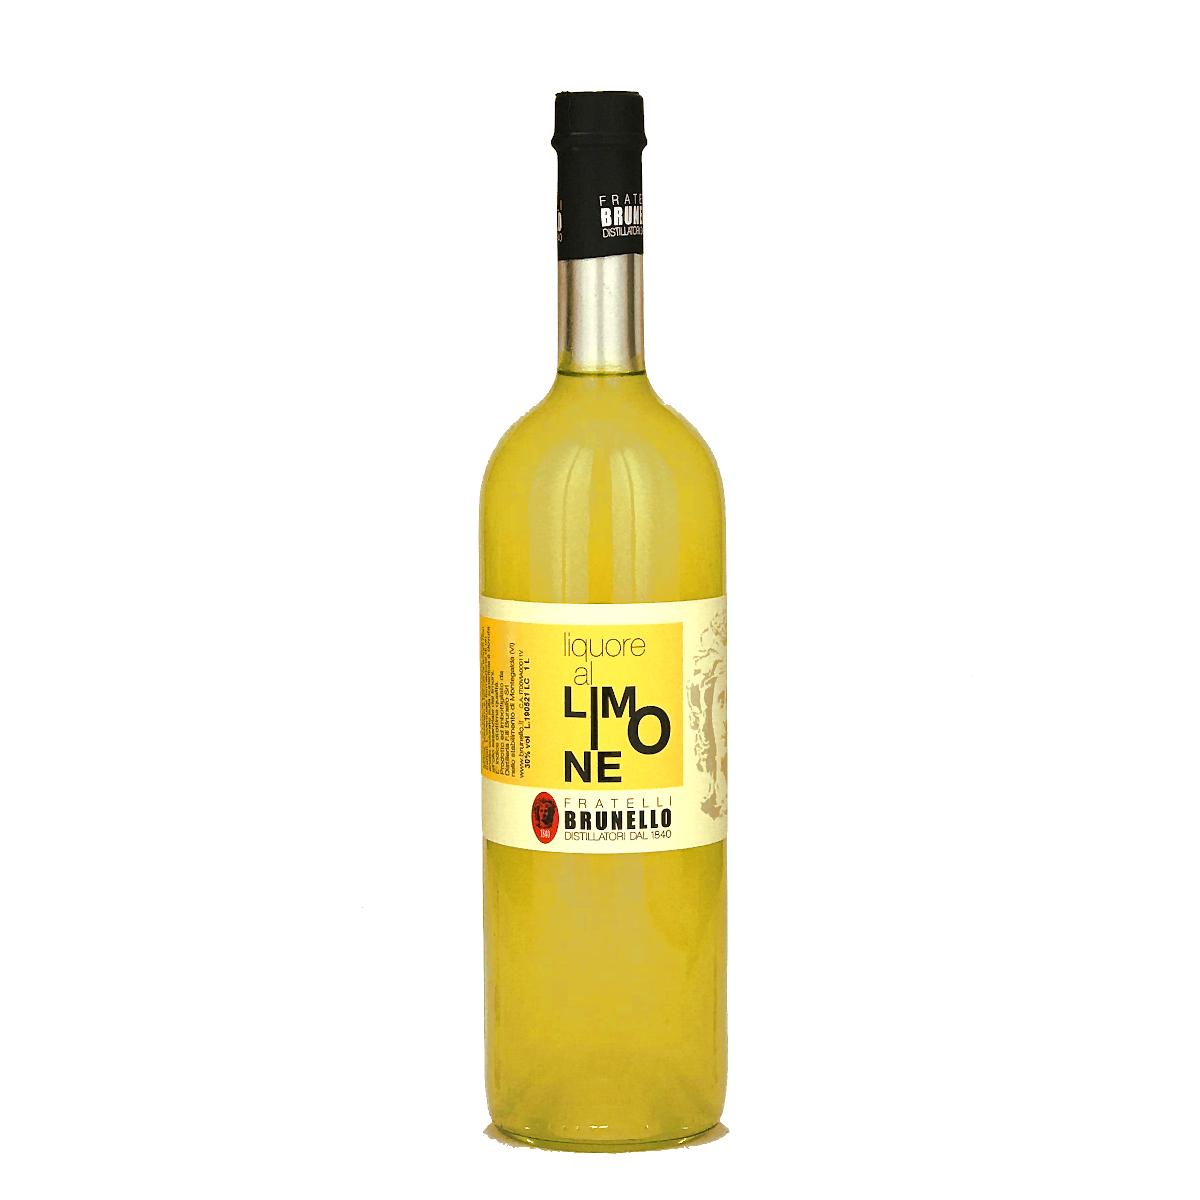 Liquore al Limone - Limoncello - große Flasche - Fratelli Brunello